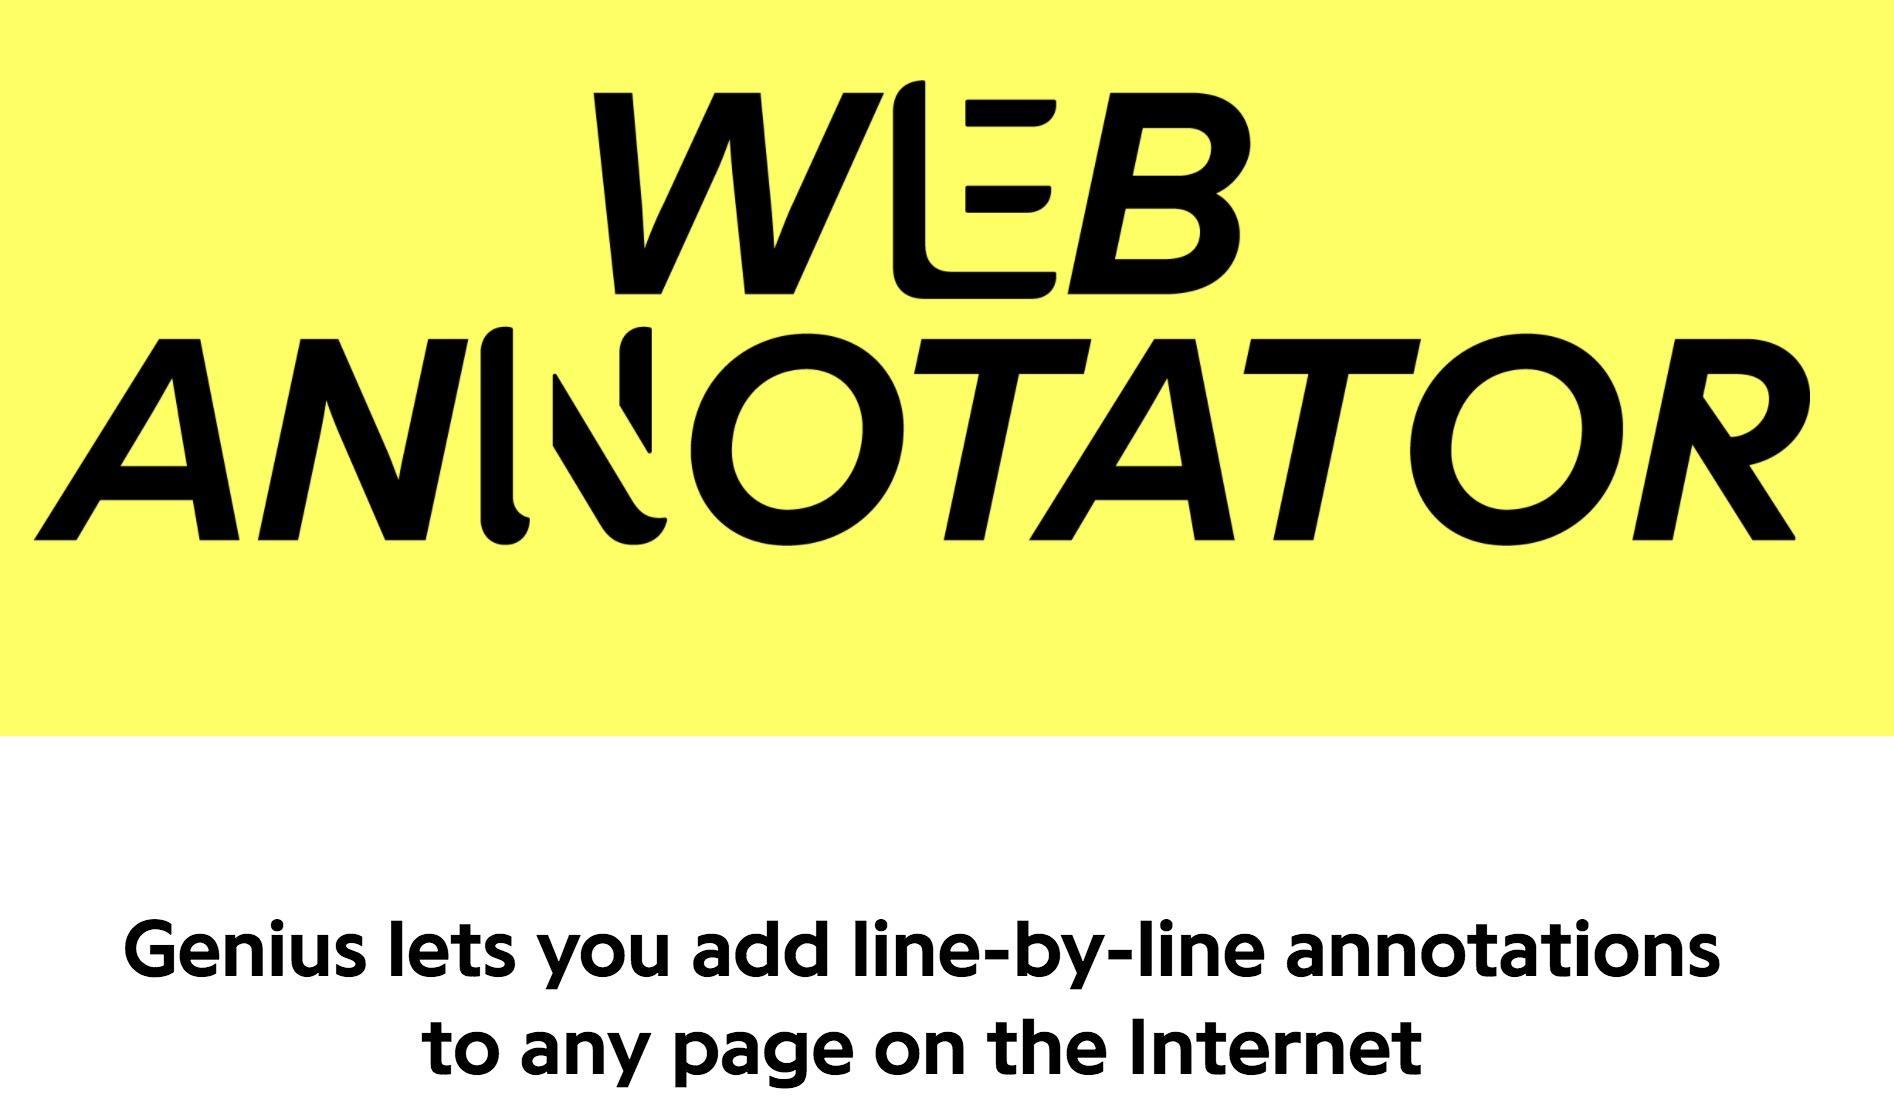 Genius_Web_Annotator___Genius.jpg